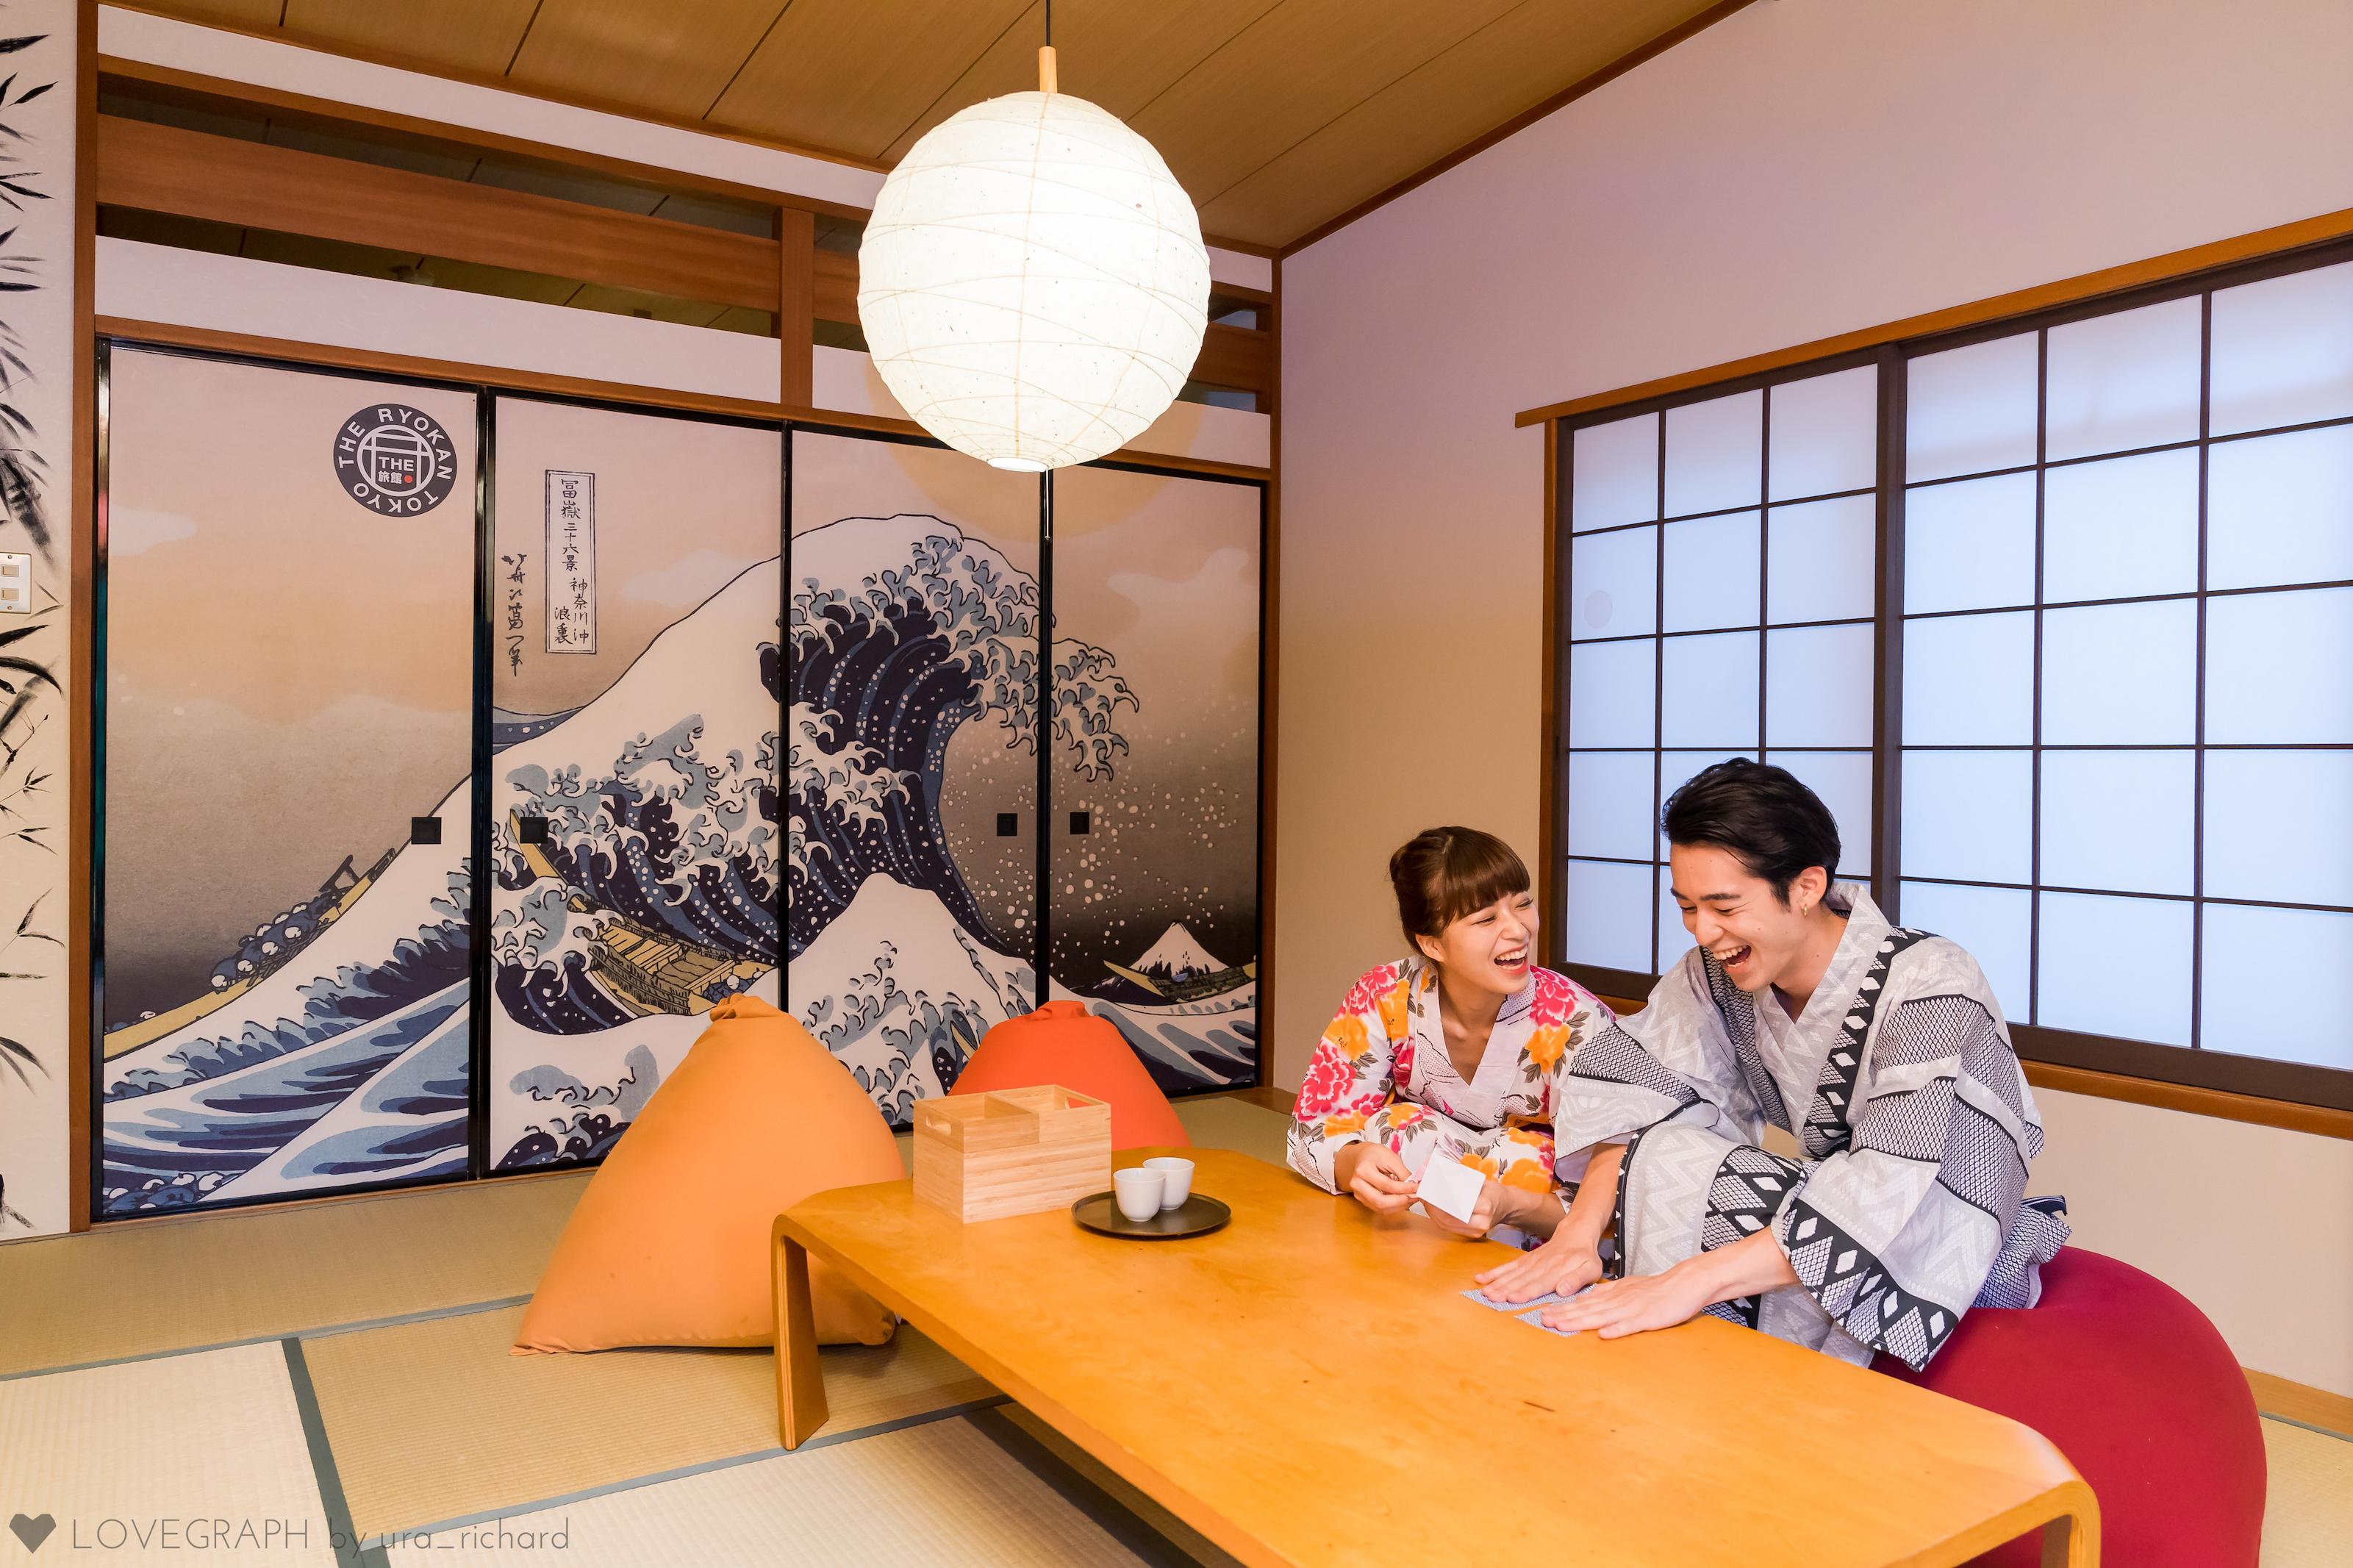 #私の好きな日本「旅館で過ごす週末」 ※The Ryokan Tokyoの和室 撮影協力:Lovegraph